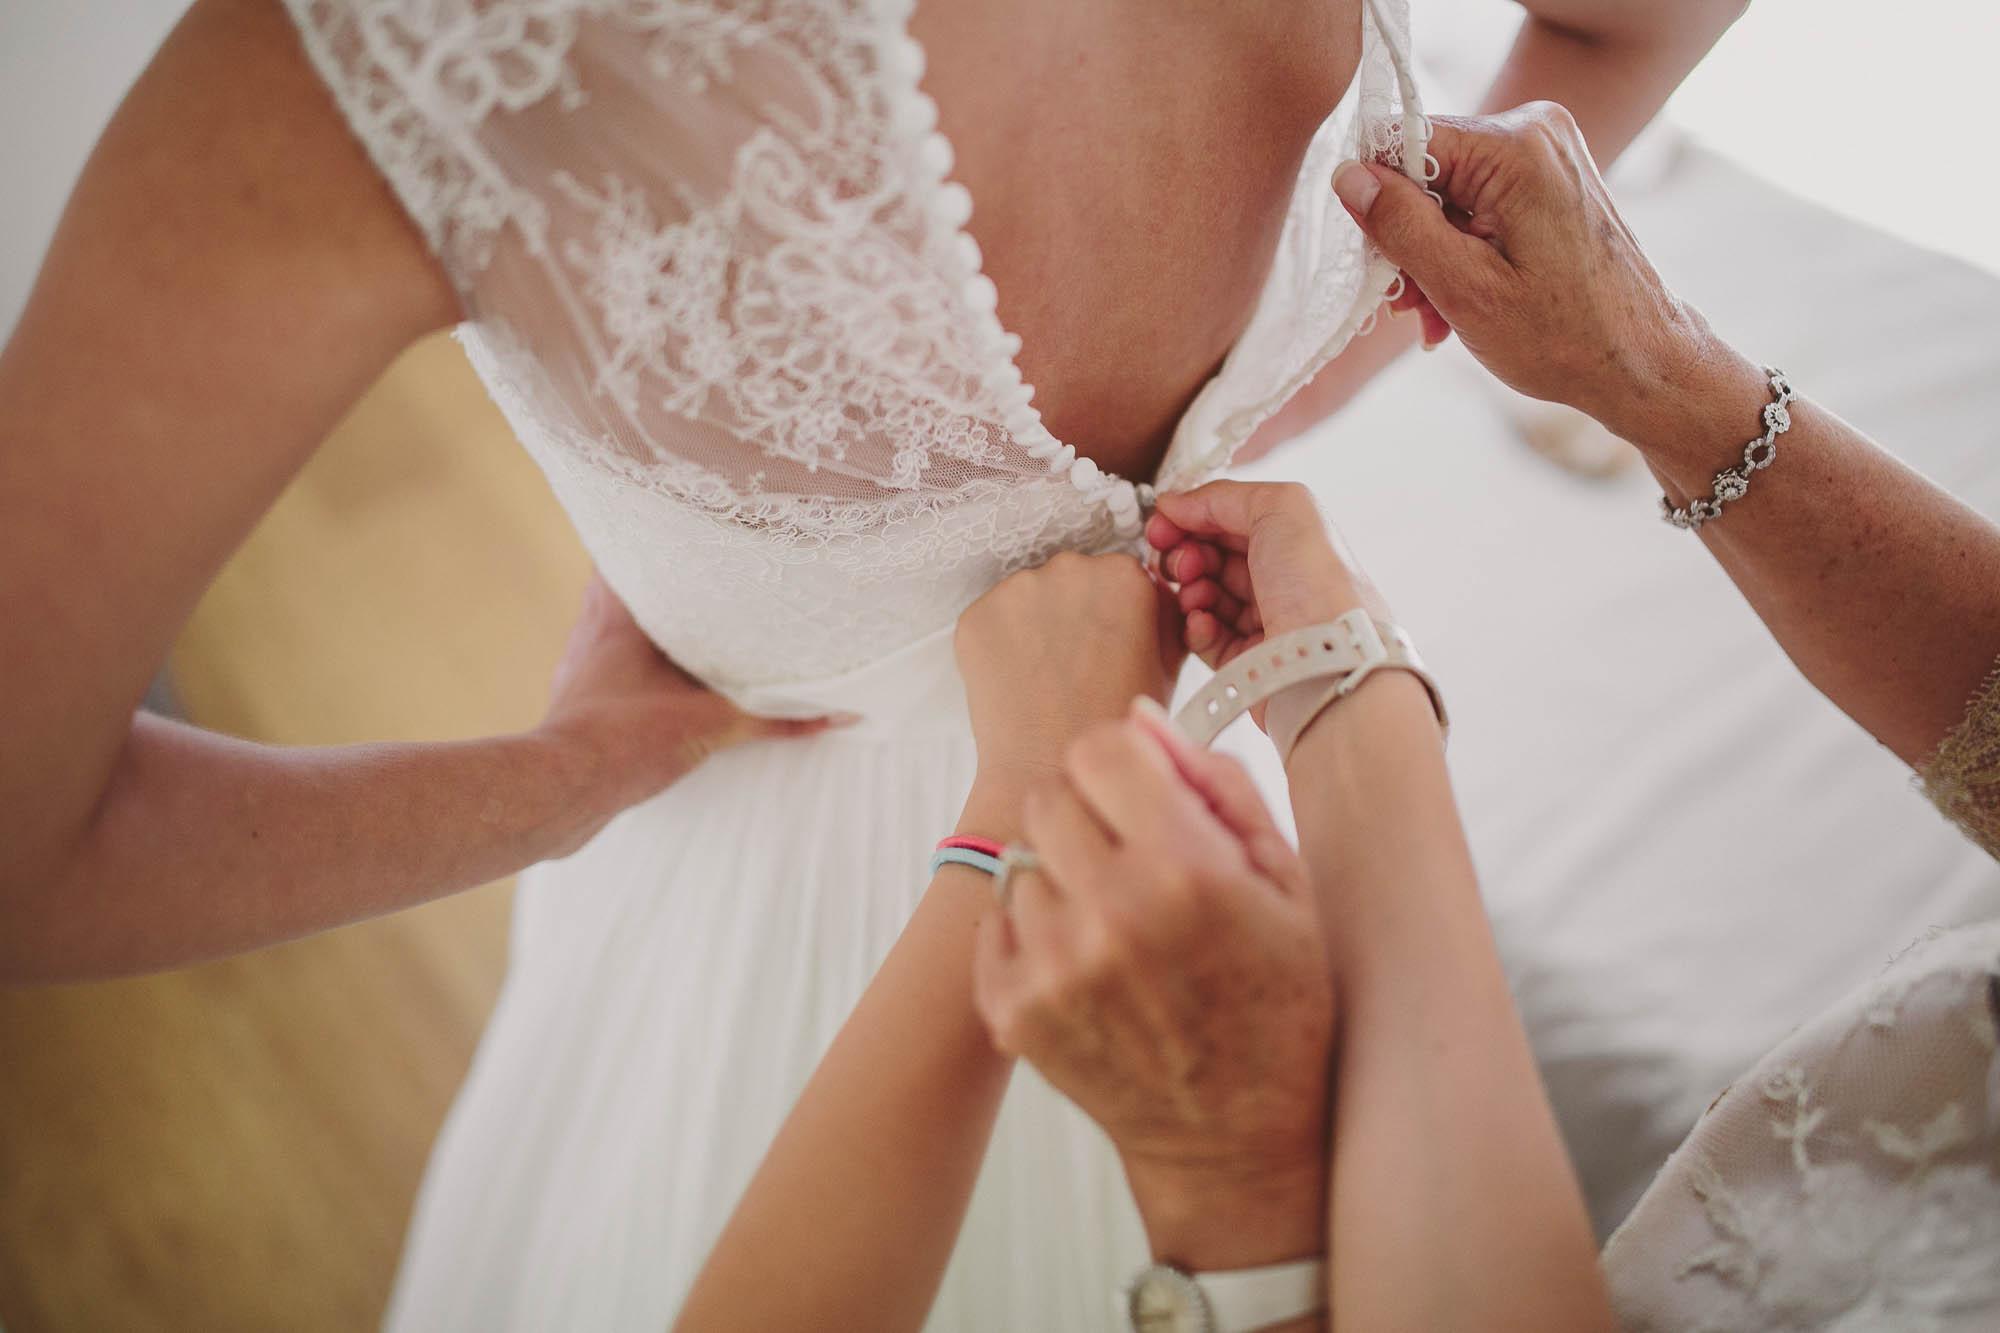 Detalle de la espalda y los botones del vestido de la novia